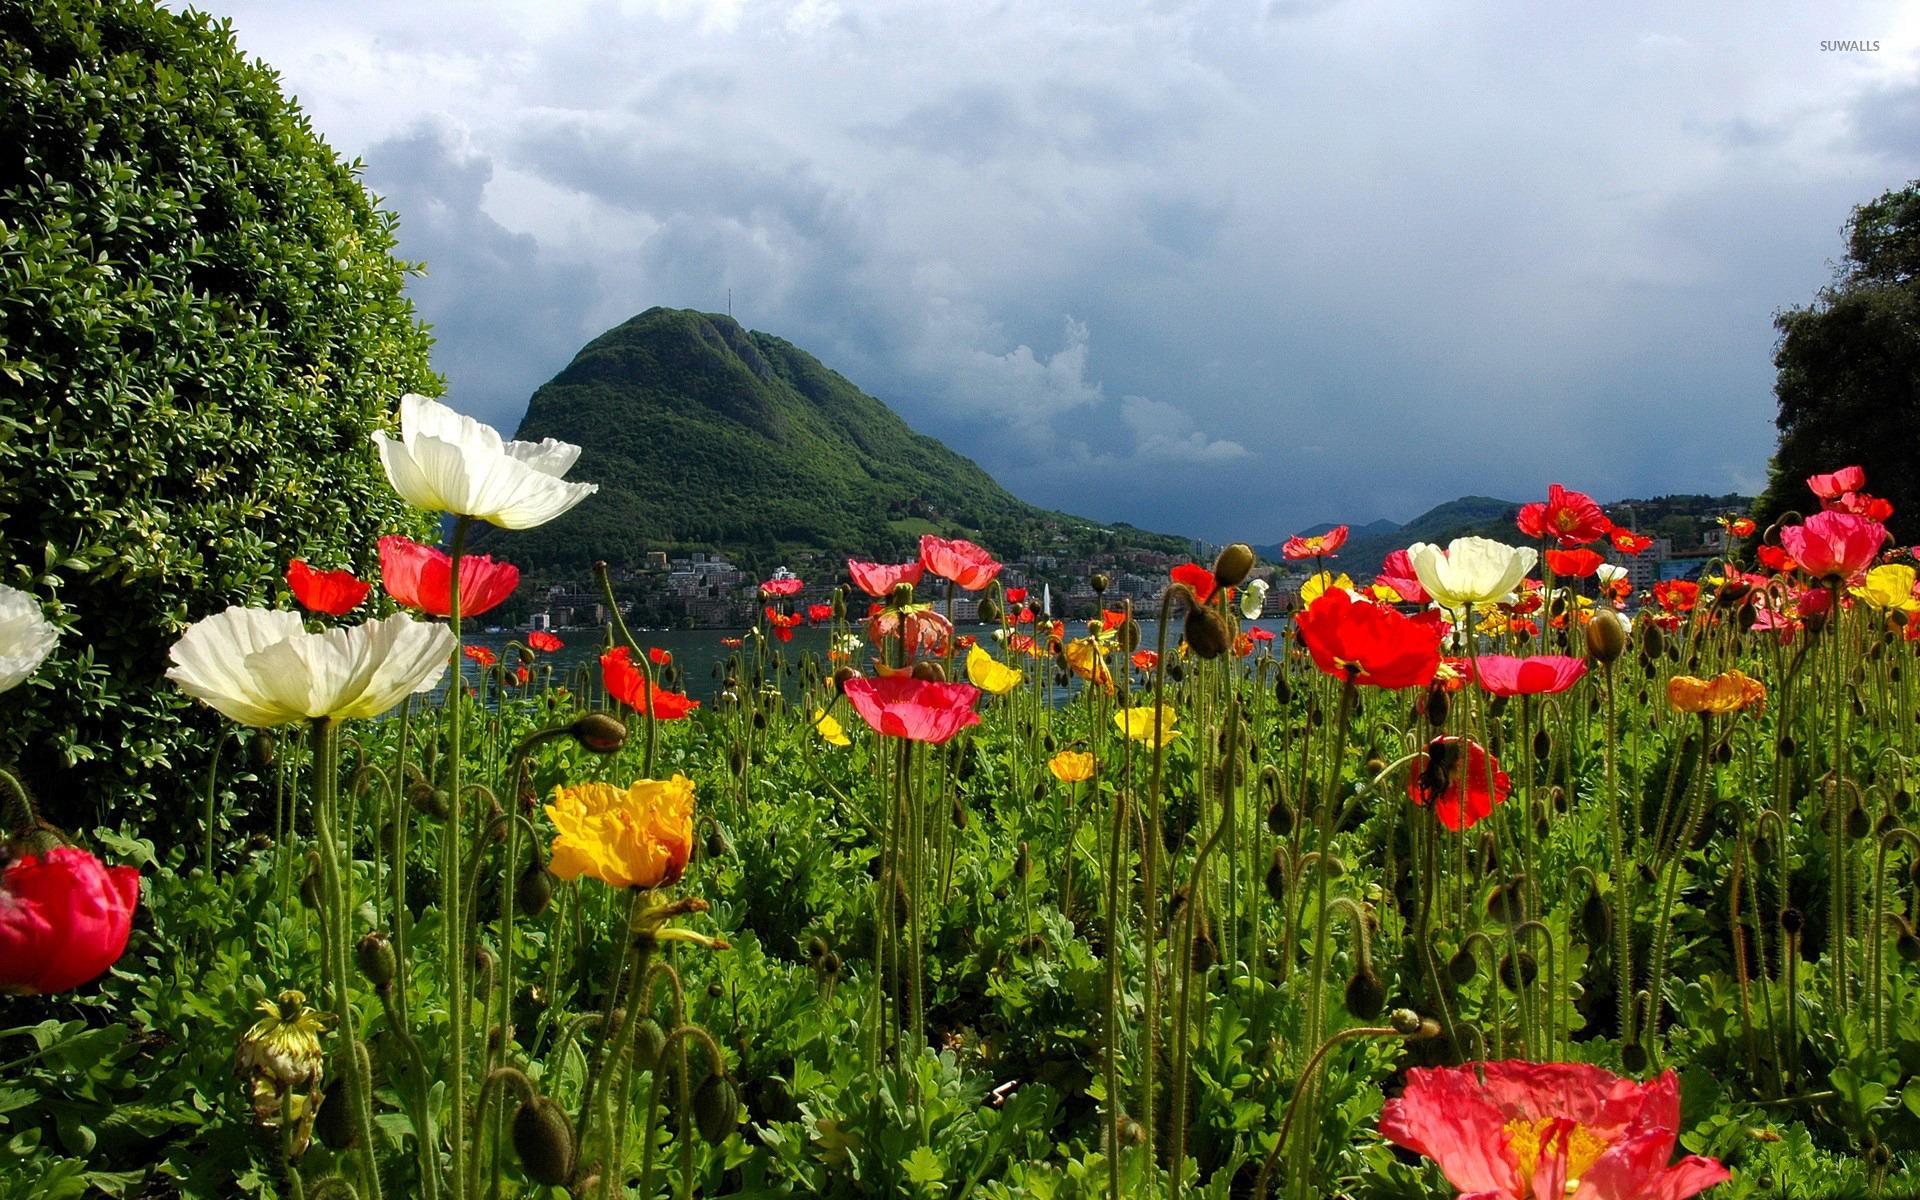 горы, ели, цветочная поляна бесплатно